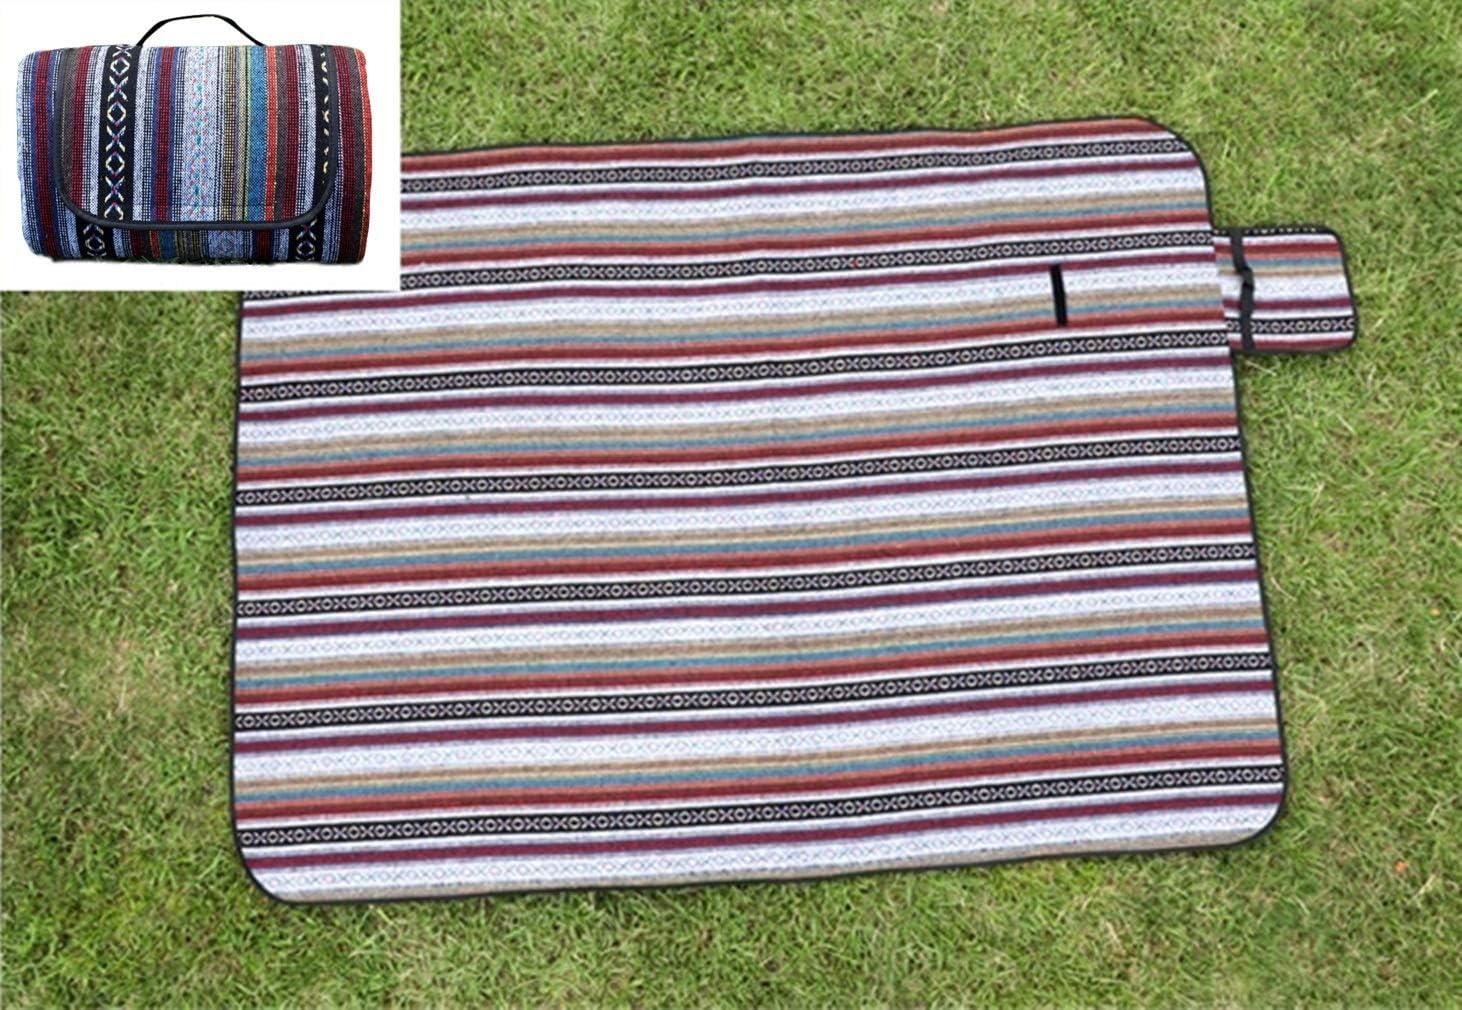 X-Labor Bohemian Streifen Picknick Decke mit Tragegriffen 200x150 cm XXL mit wasserdichter PEVA Unterseite W/ärmeisoliert Stranddecke Campingdecke Motiv-A